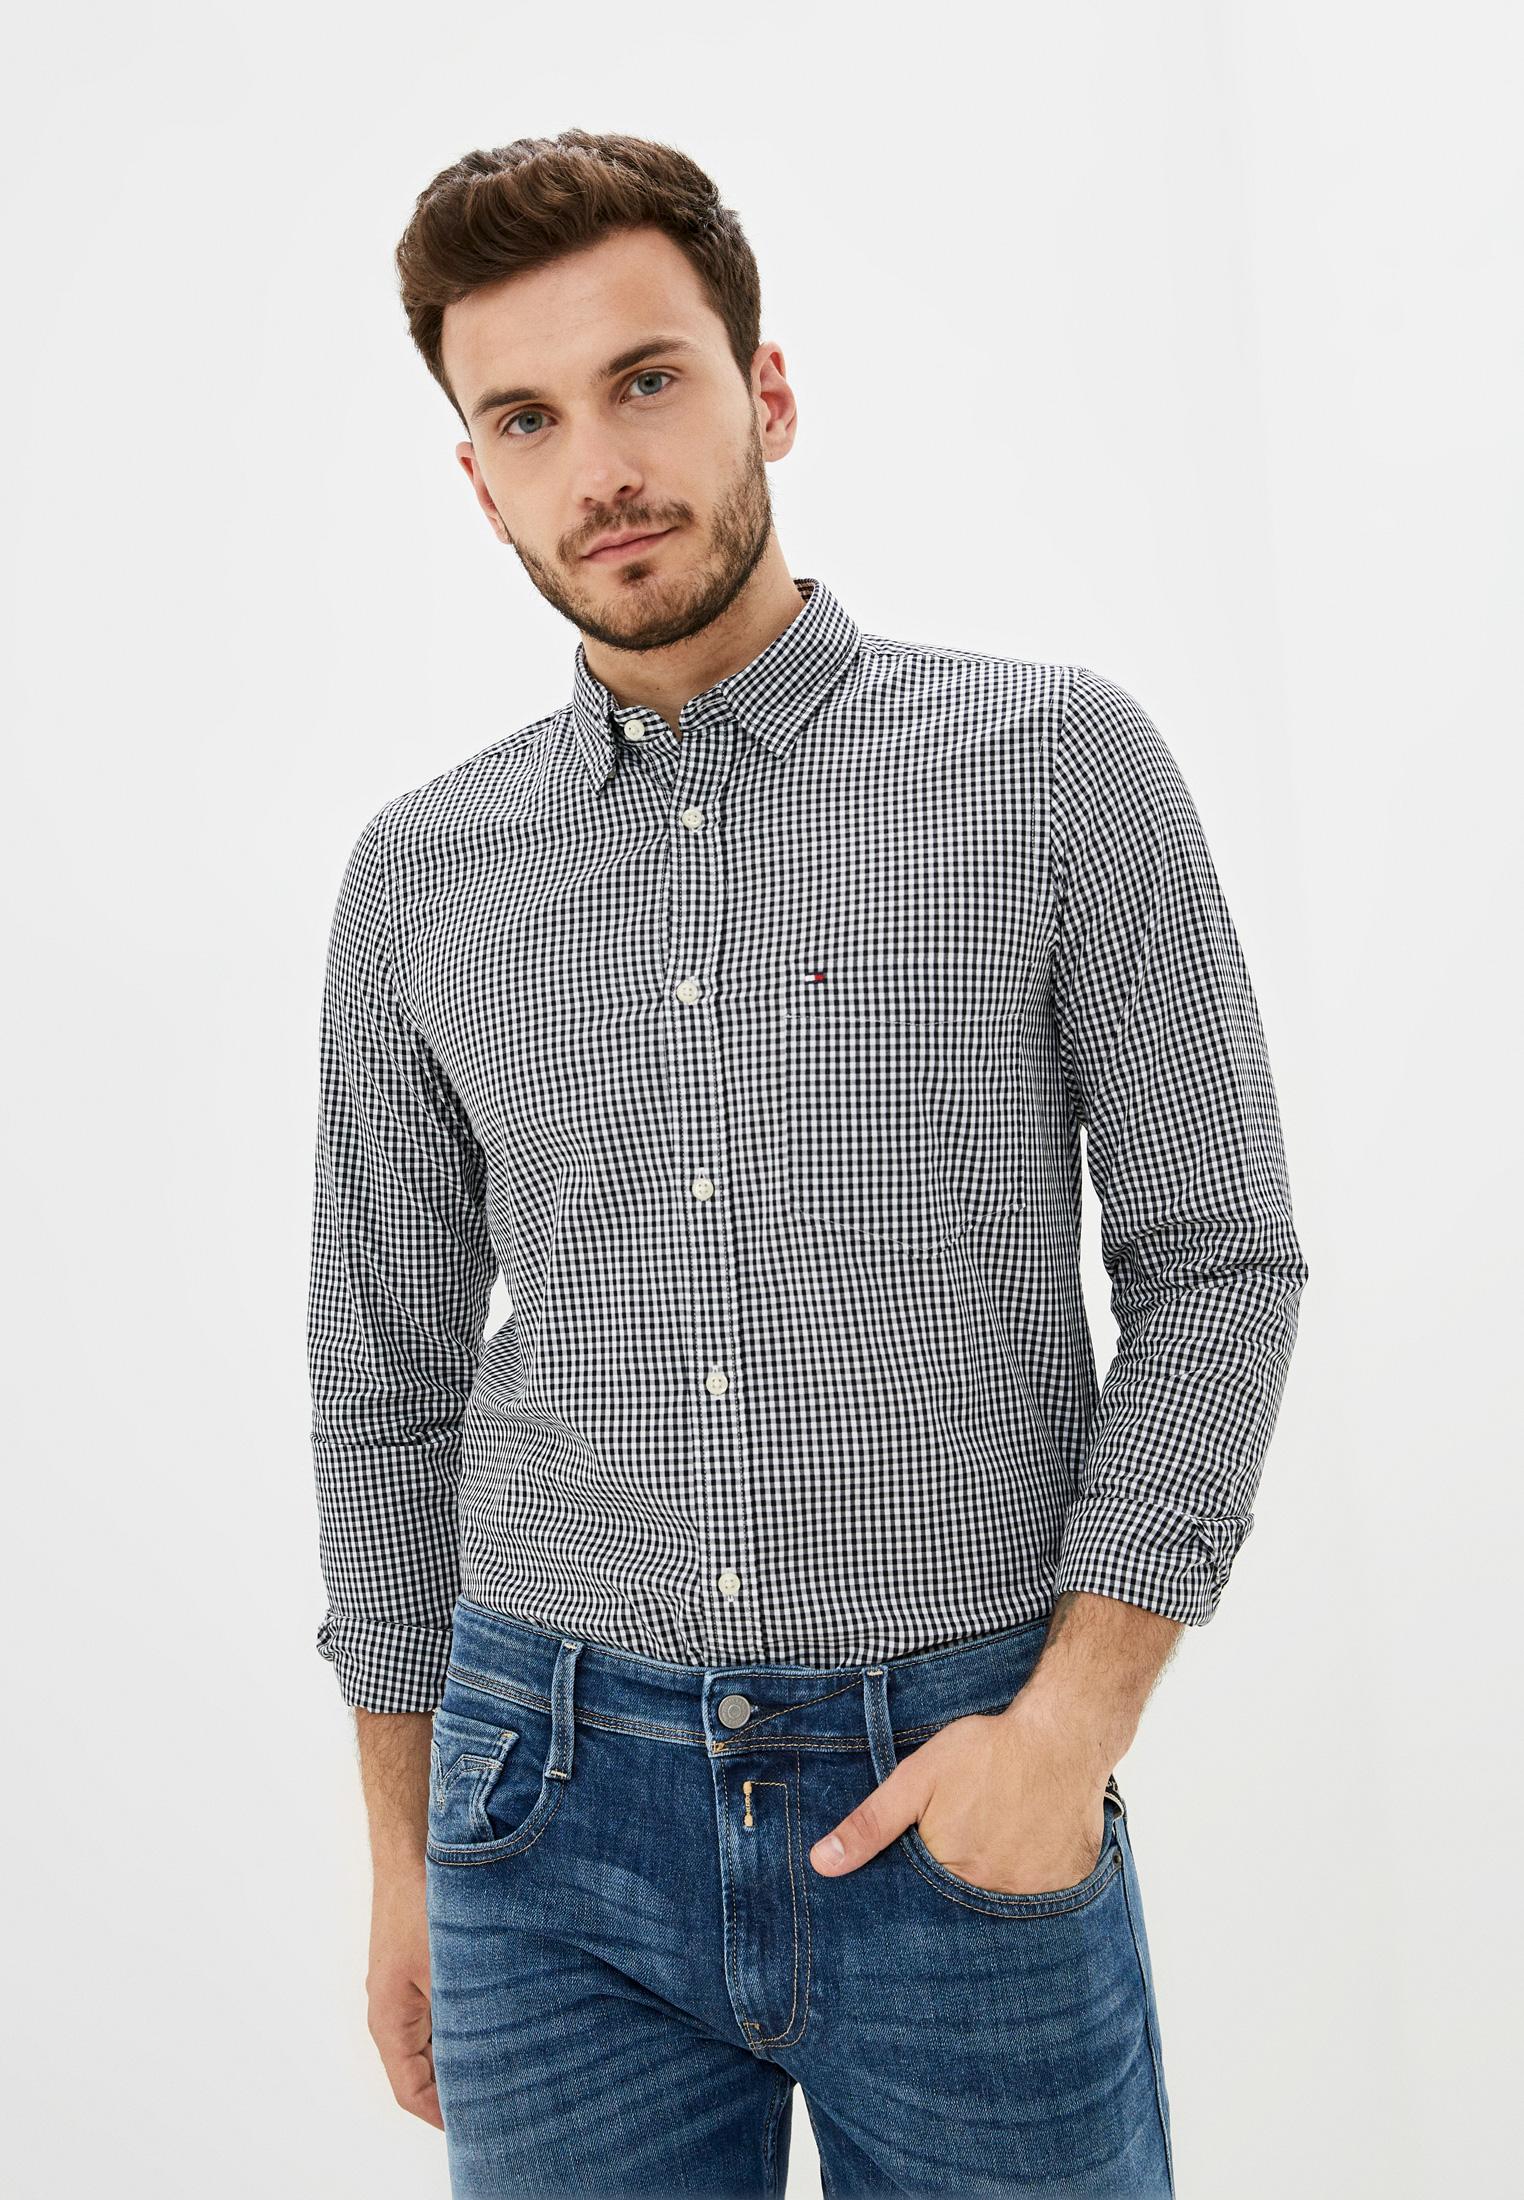 Рубашка с длинным рукавом Tommy Hilfiger (Томми Хилфигер) Рубашка Tommy Hilfiger